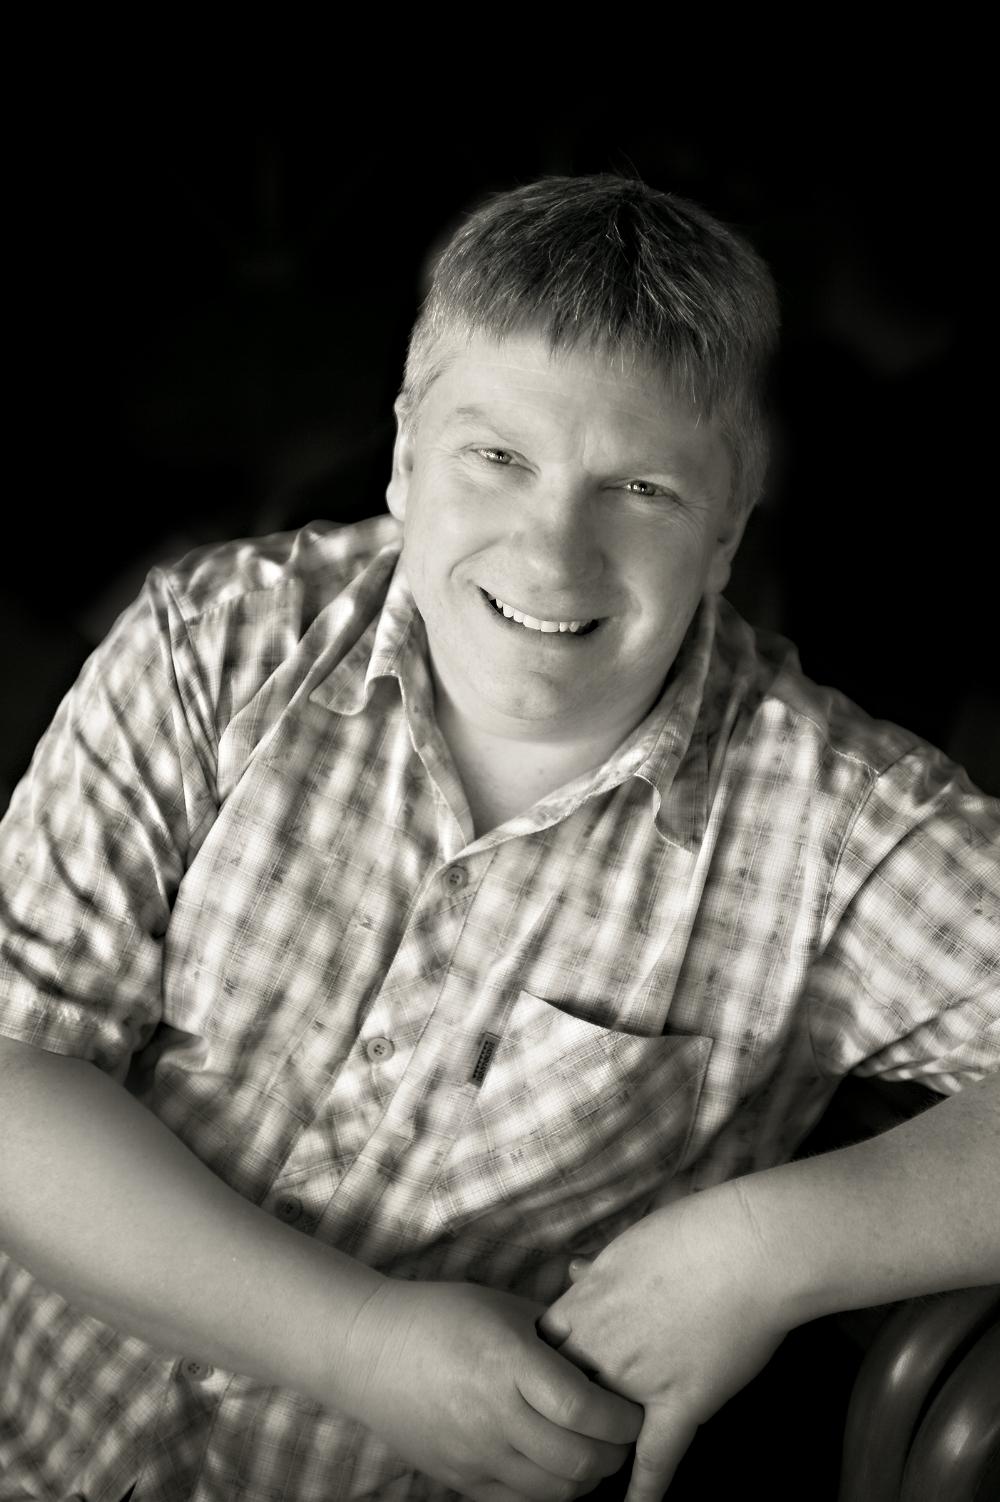 Glenn Guy, Travel Photography Guru